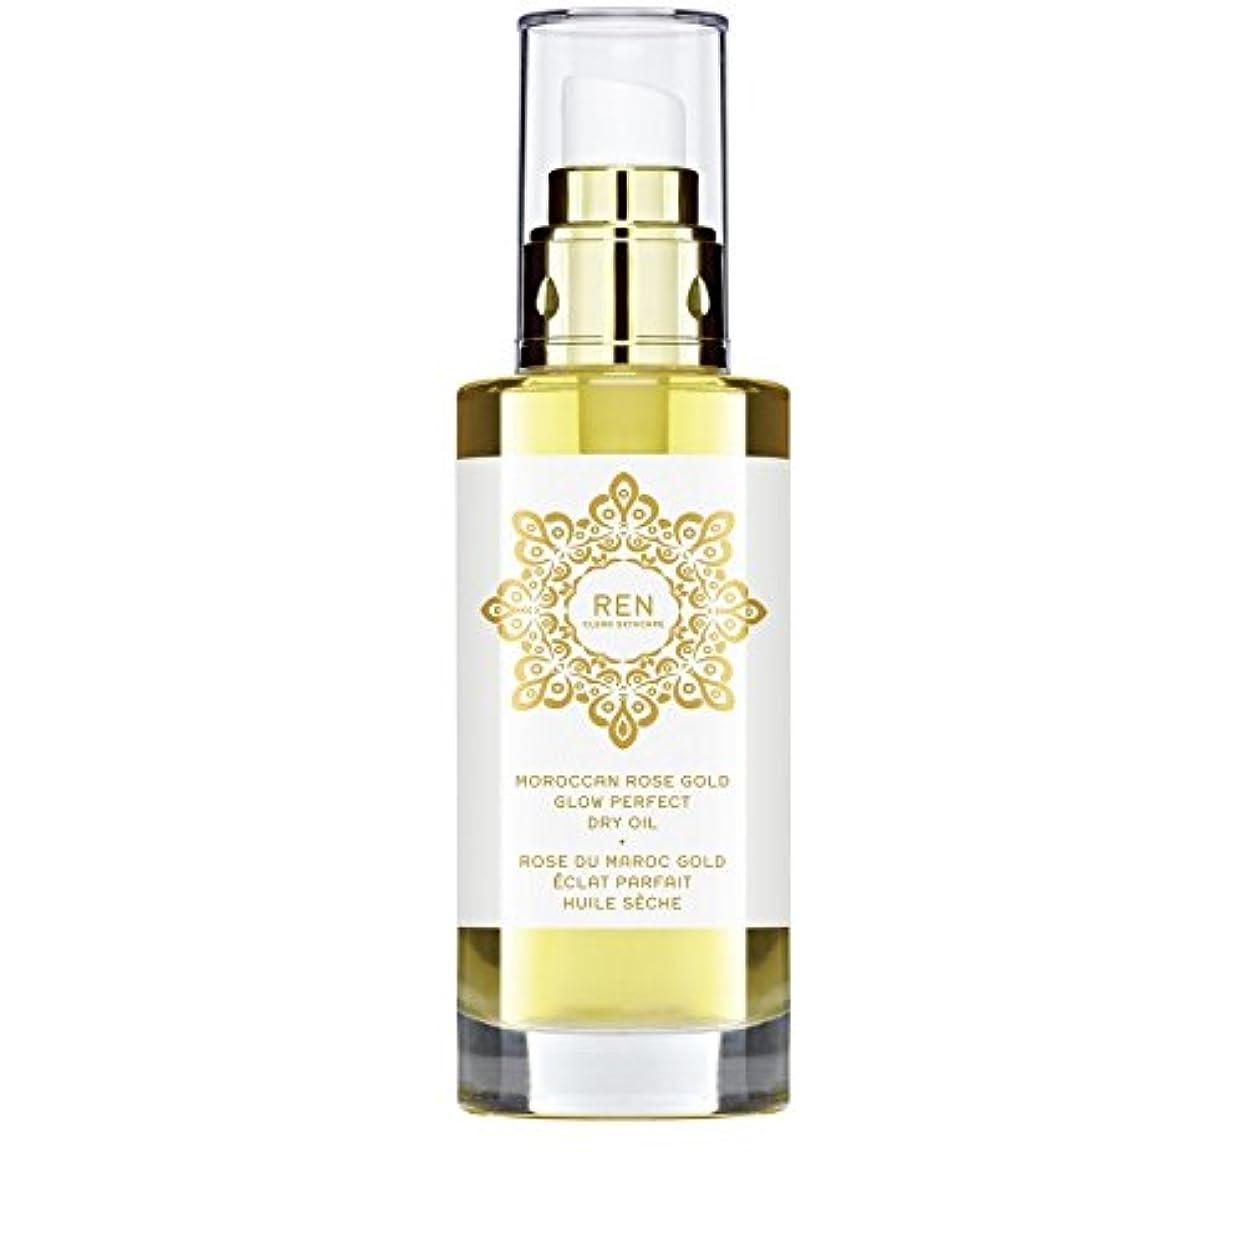 五十なめらかなシステムモロッコは金が完璧なドライオイル100ミリリットルグローバラ x4 - REN Moroccan Rose Gold Glow Perfect Dry Oil 100ml (Pack of 4) [並行輸入品]